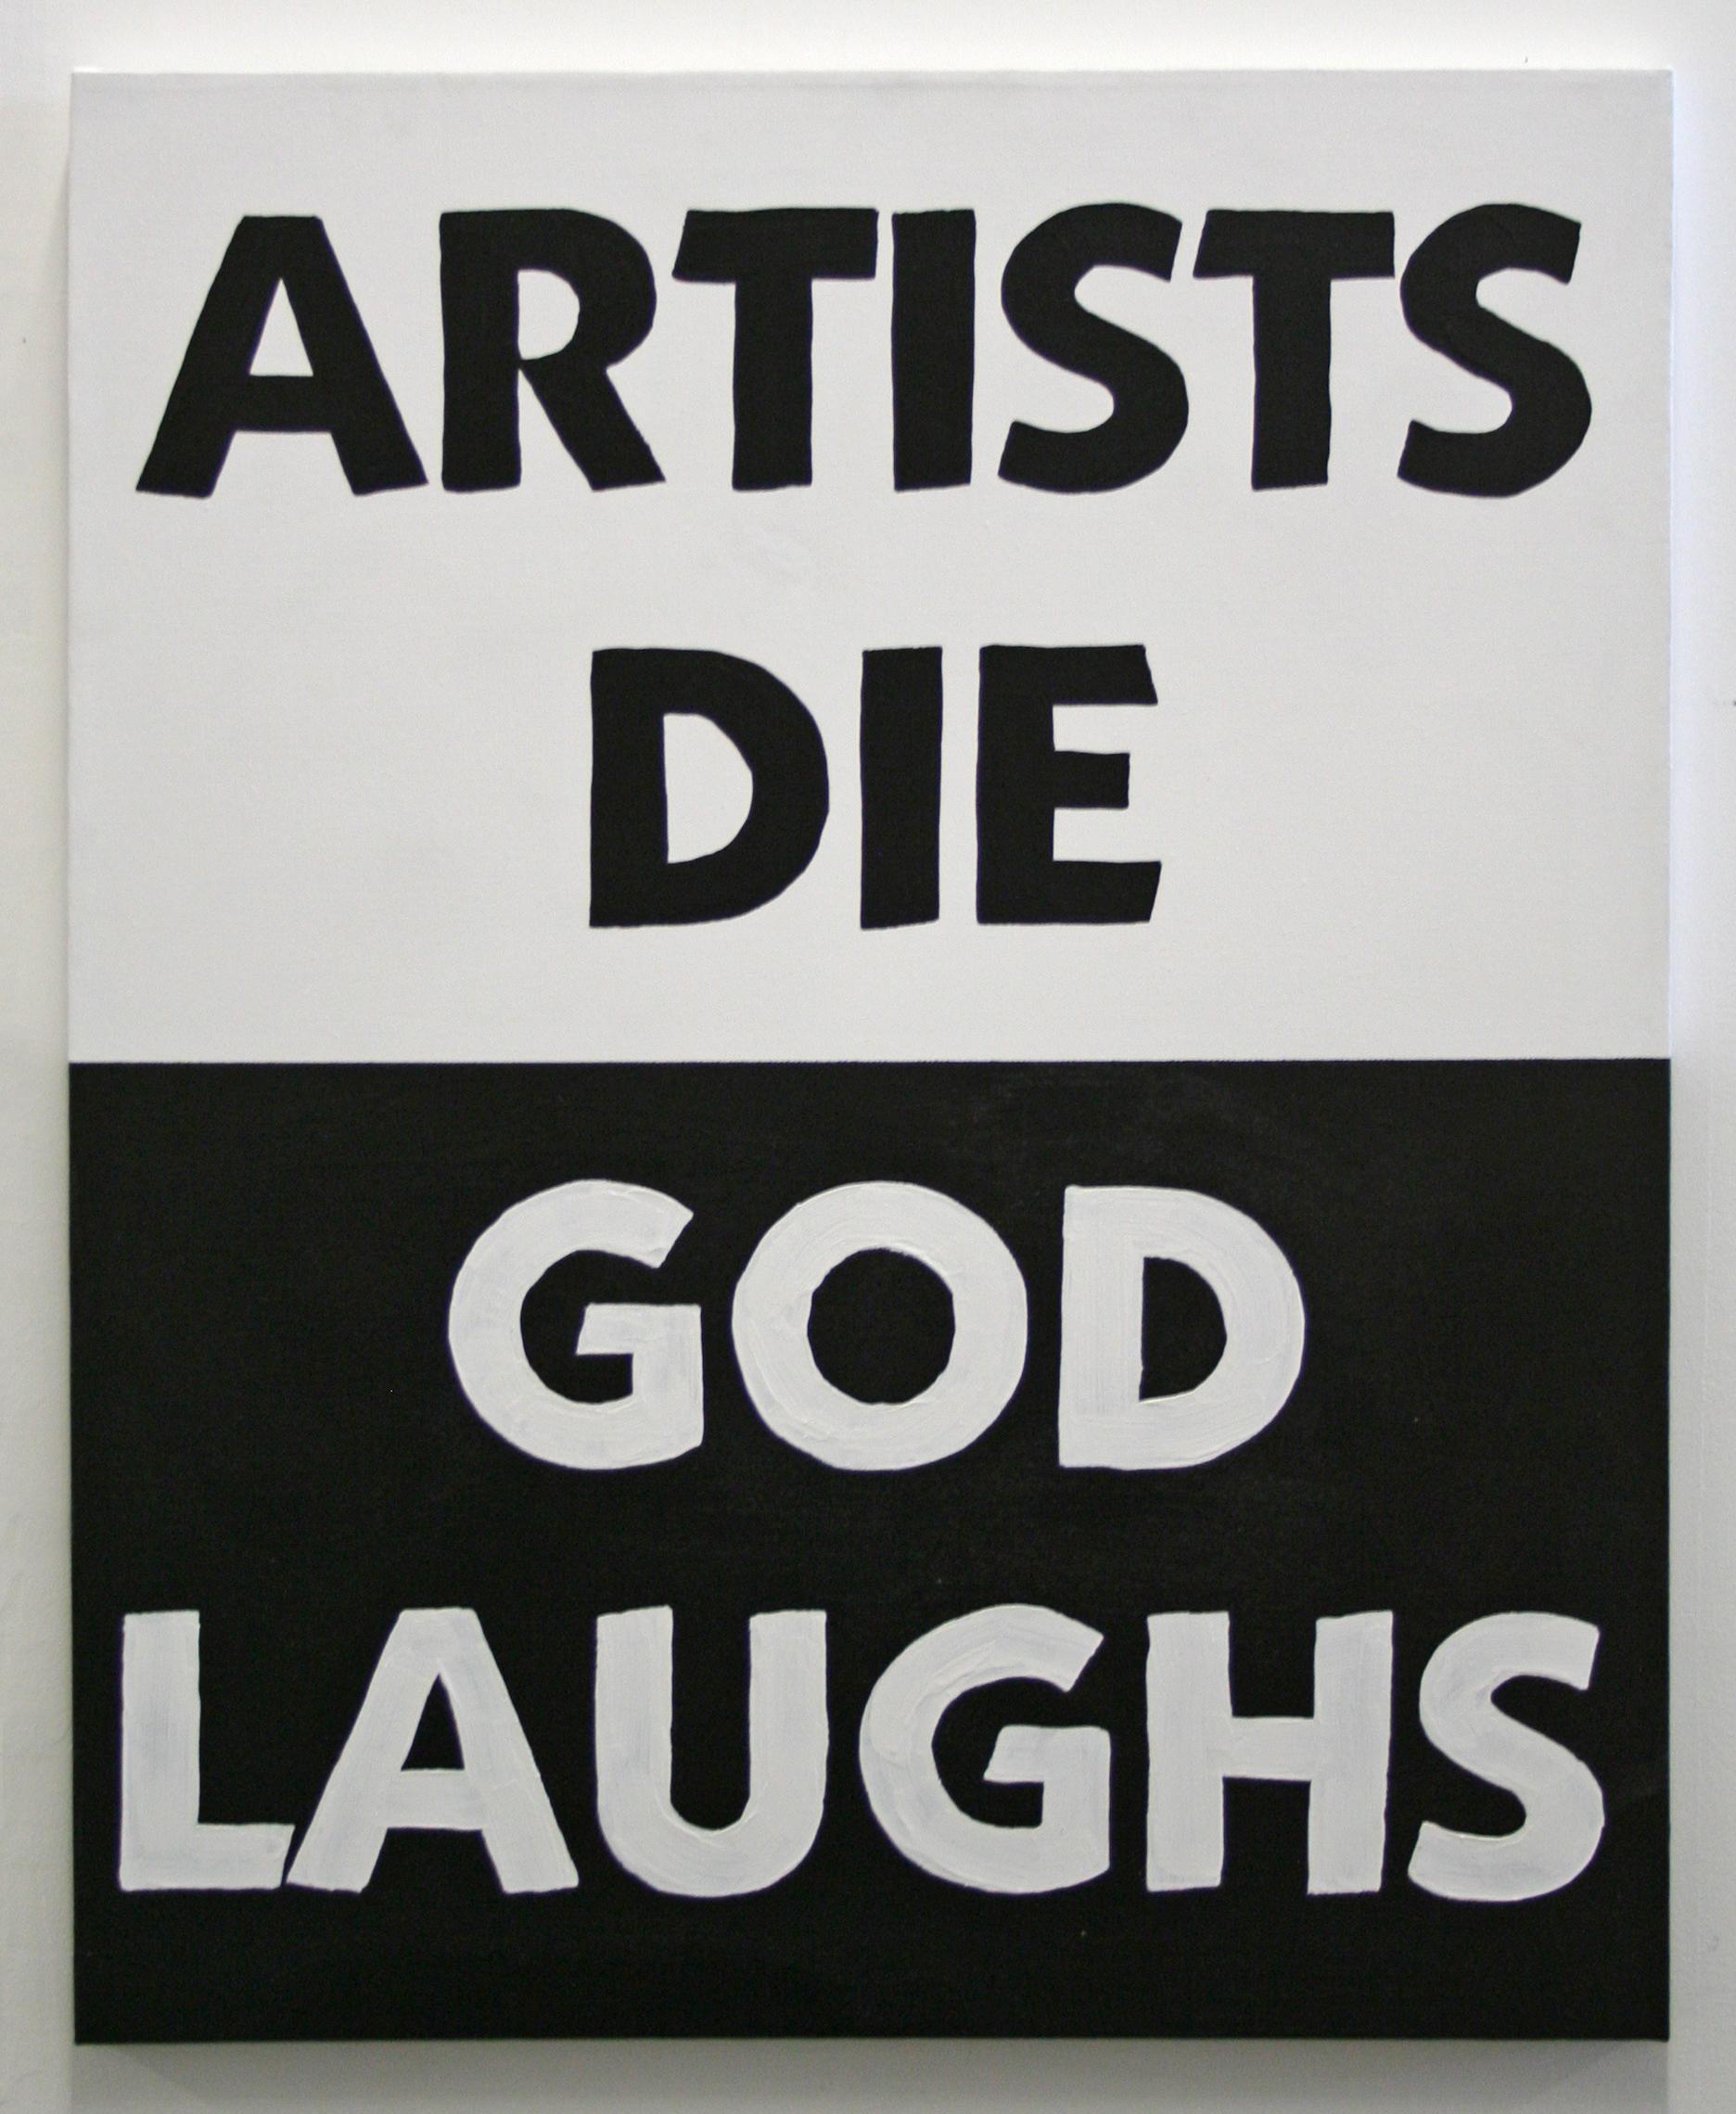 ARTISTS DIE GOD LAUGHS.jpg